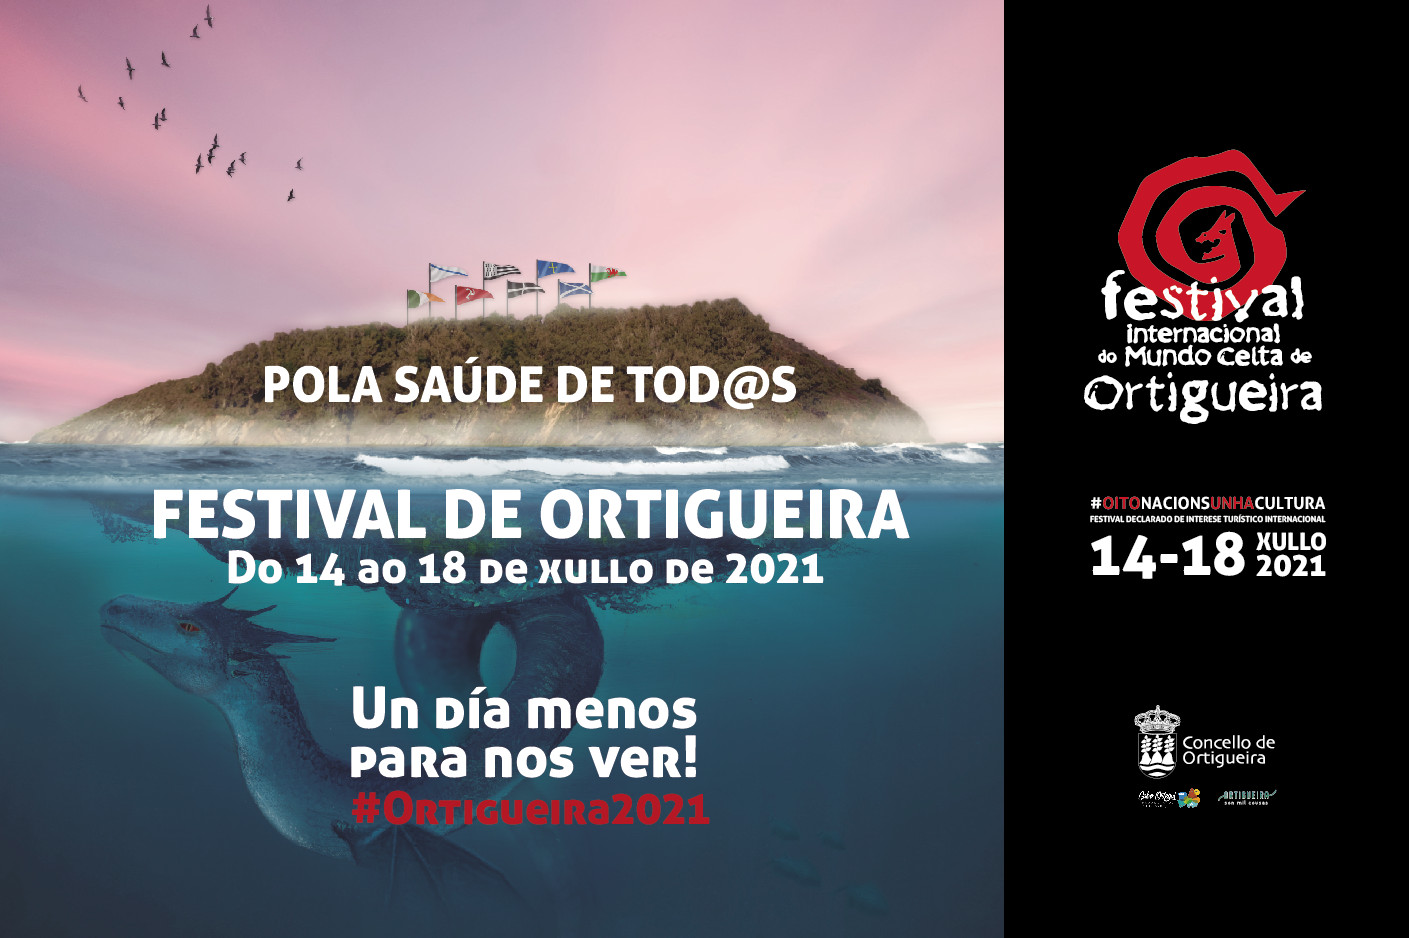 festival de ortigueira 2020